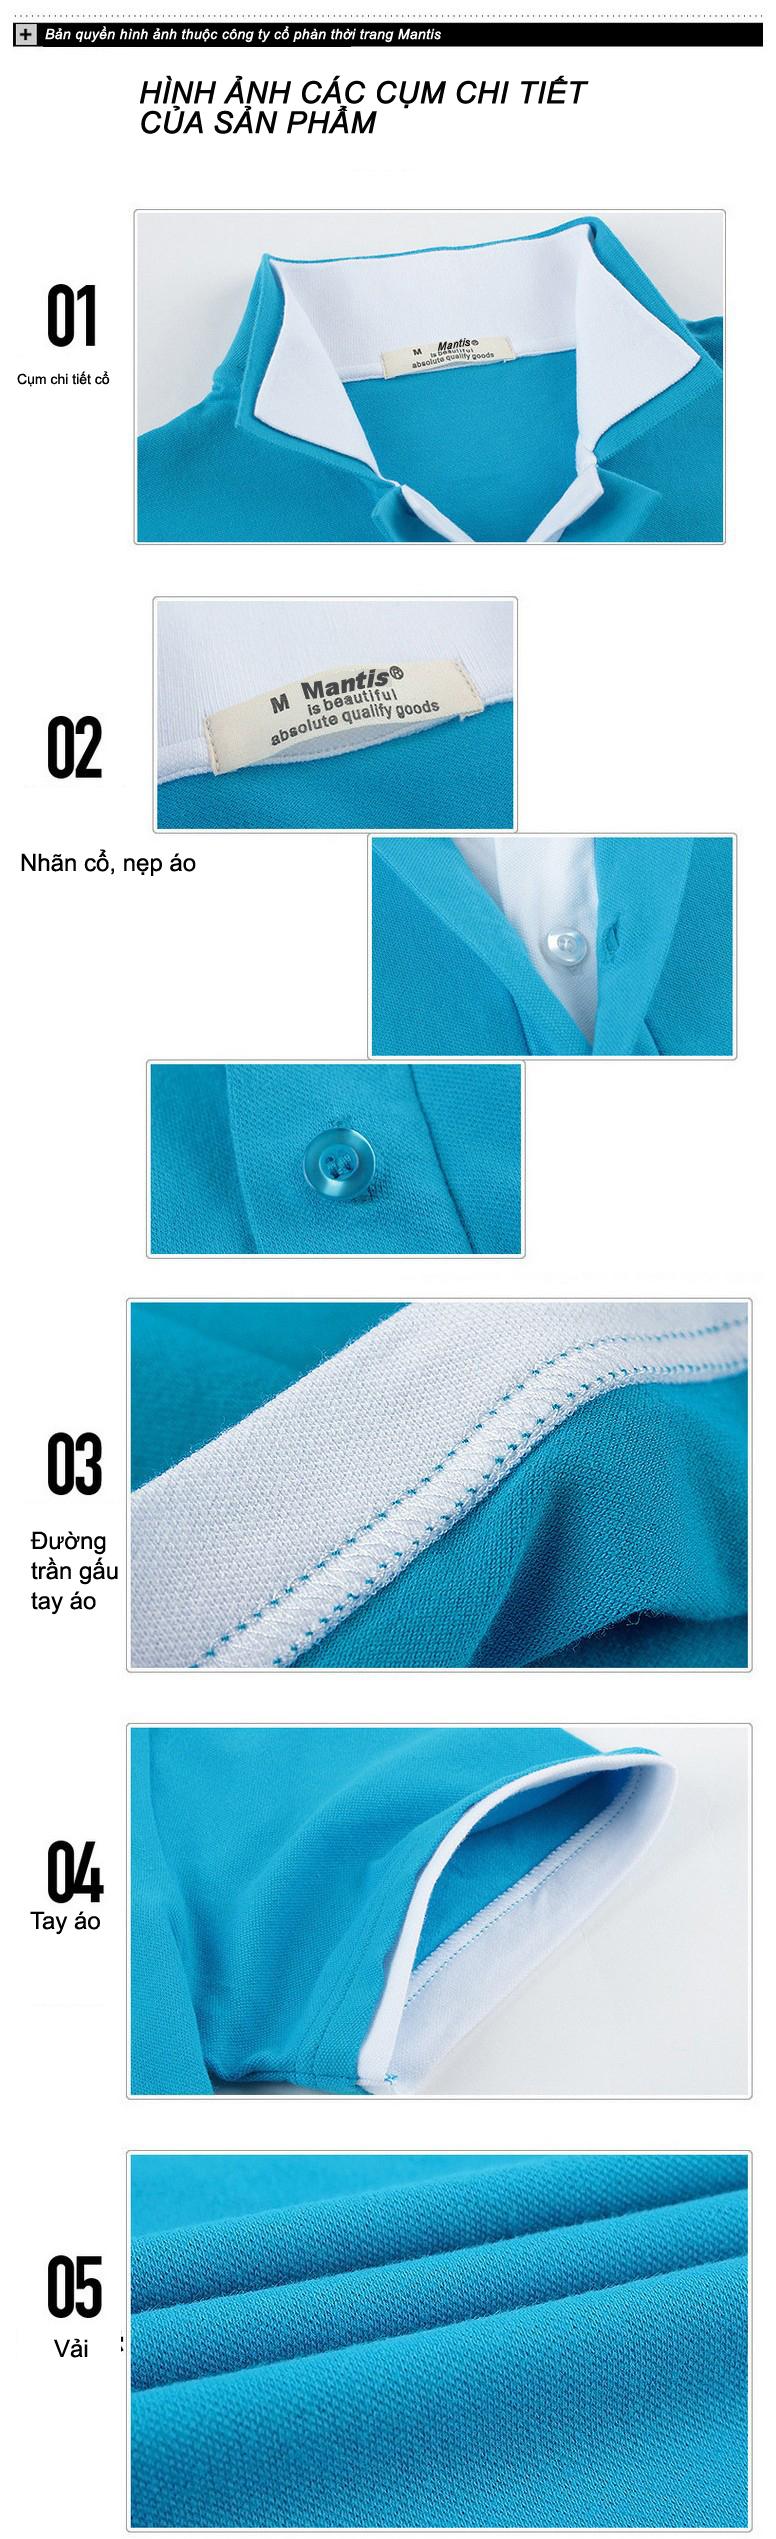 Đồng phục áo phông nam - Đồng phục Mantis